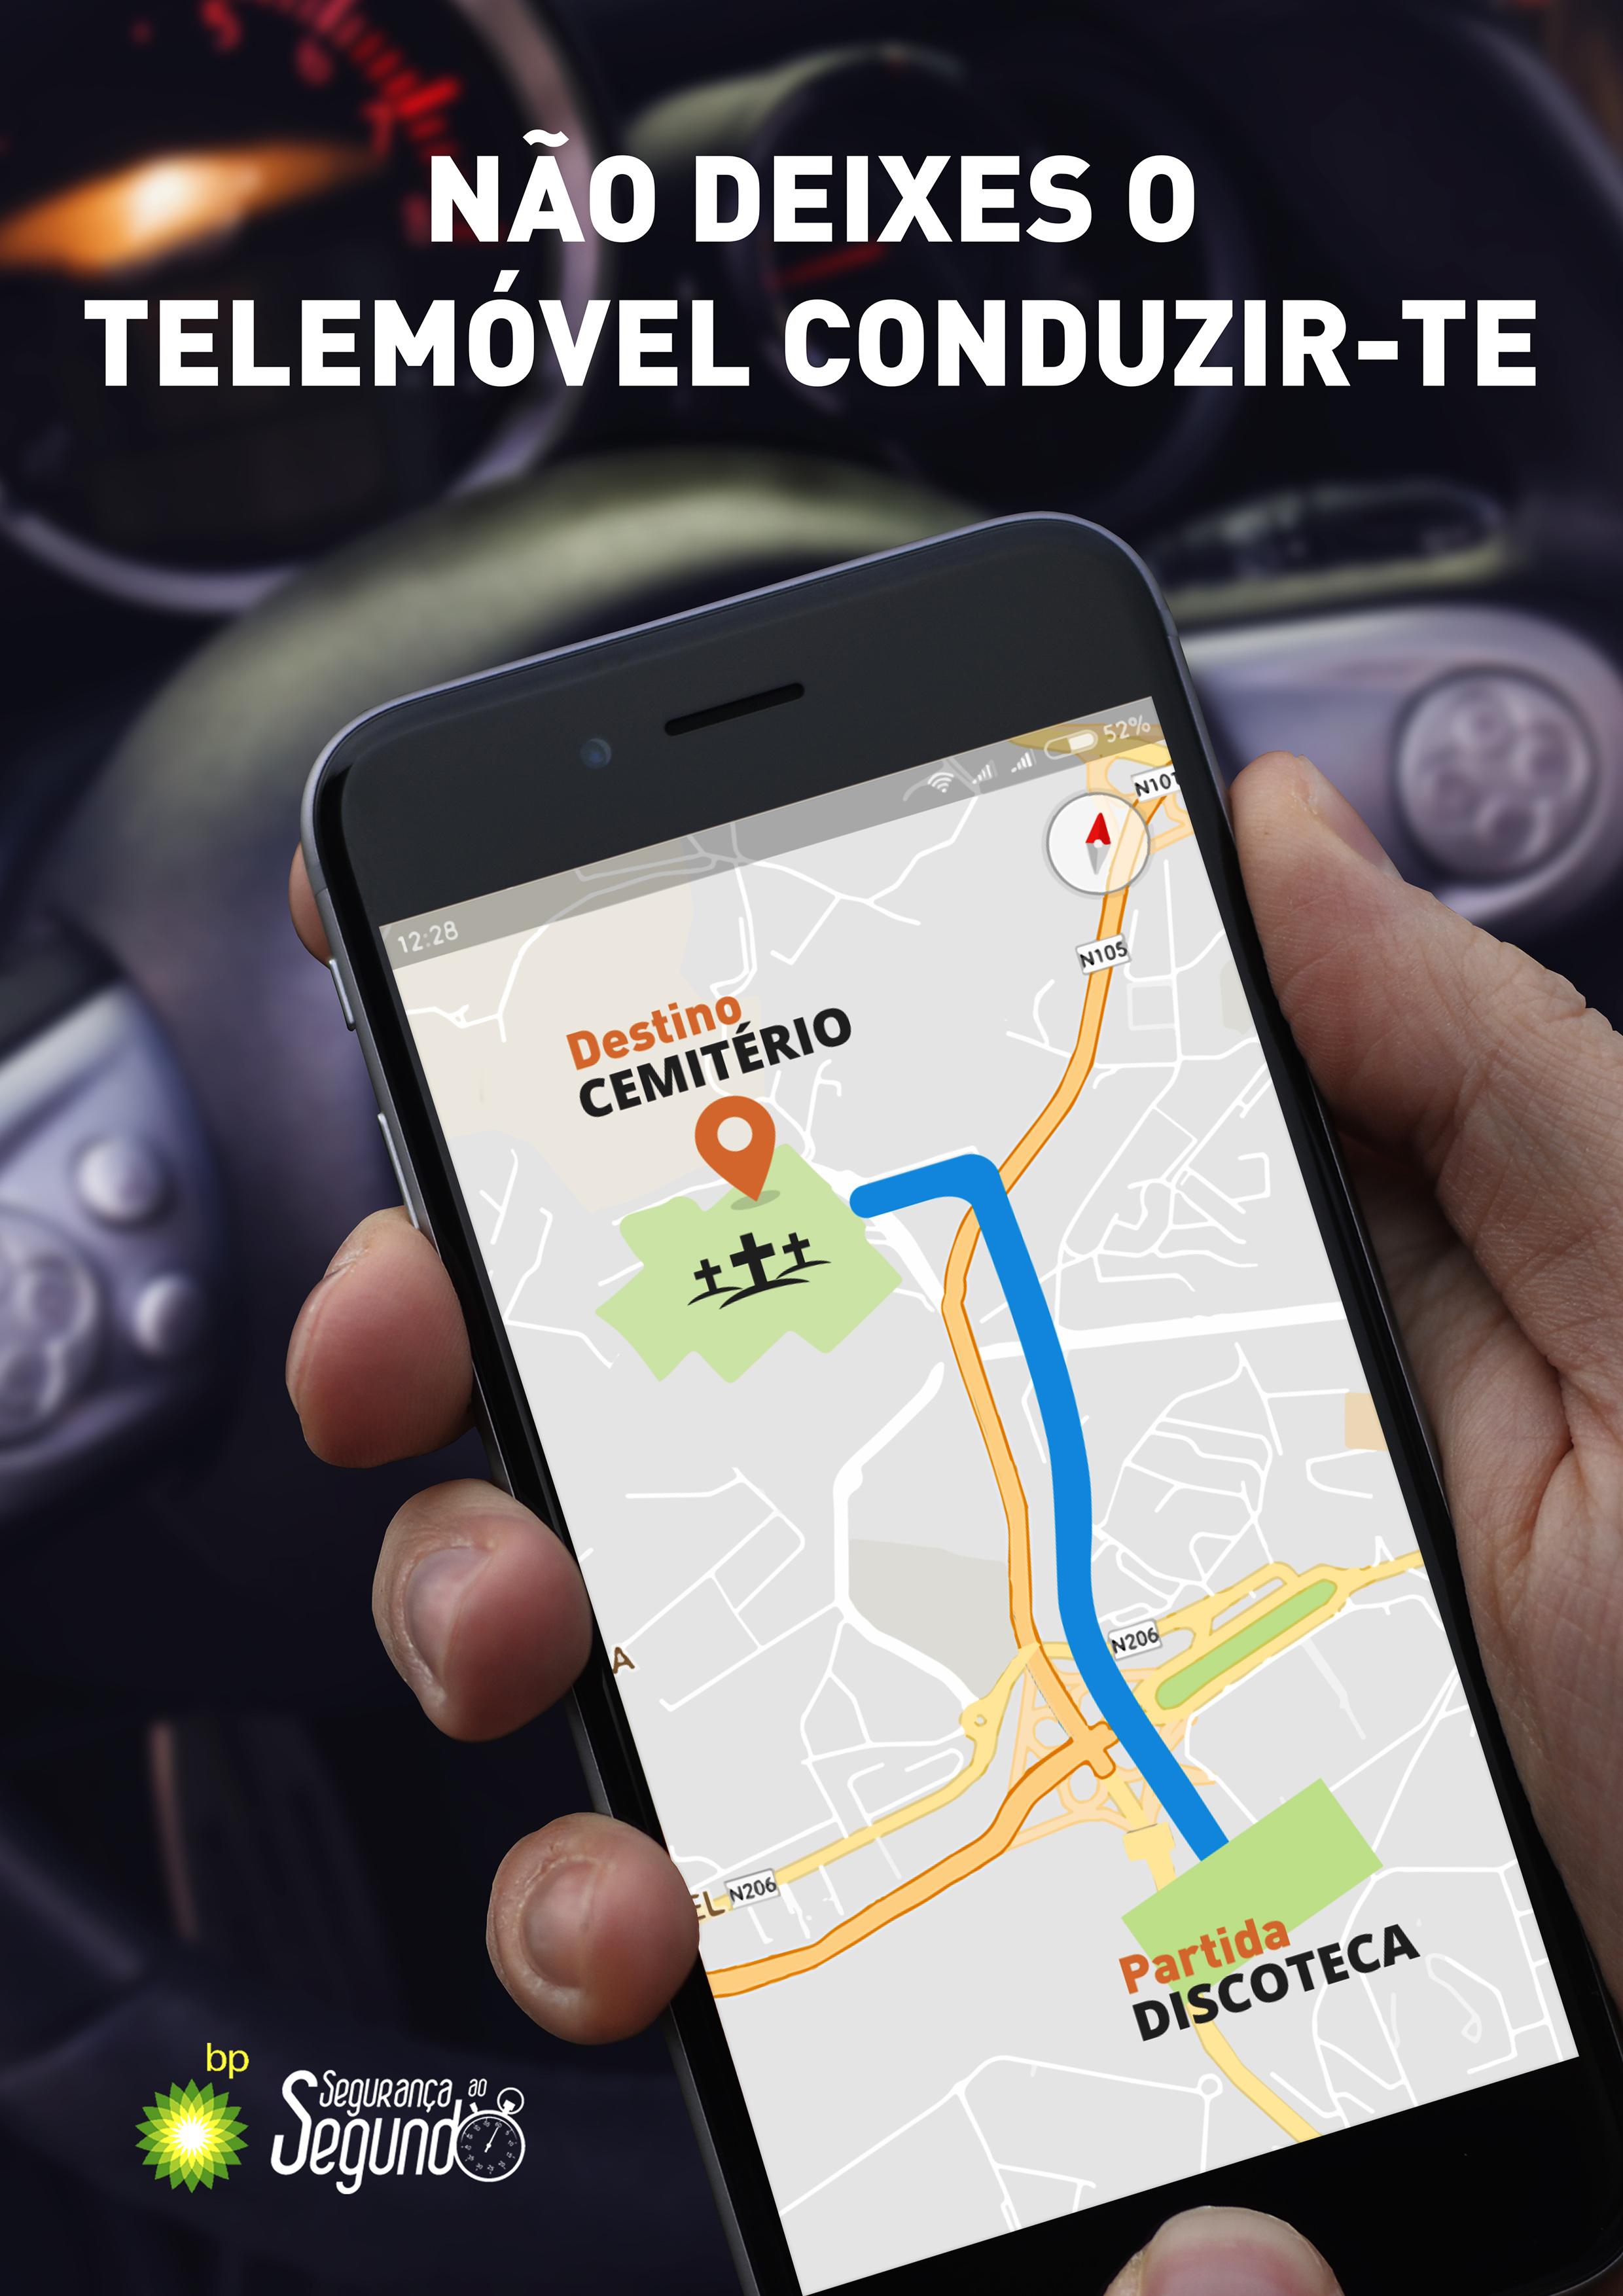 Os conquistadores condução-com-telemovel